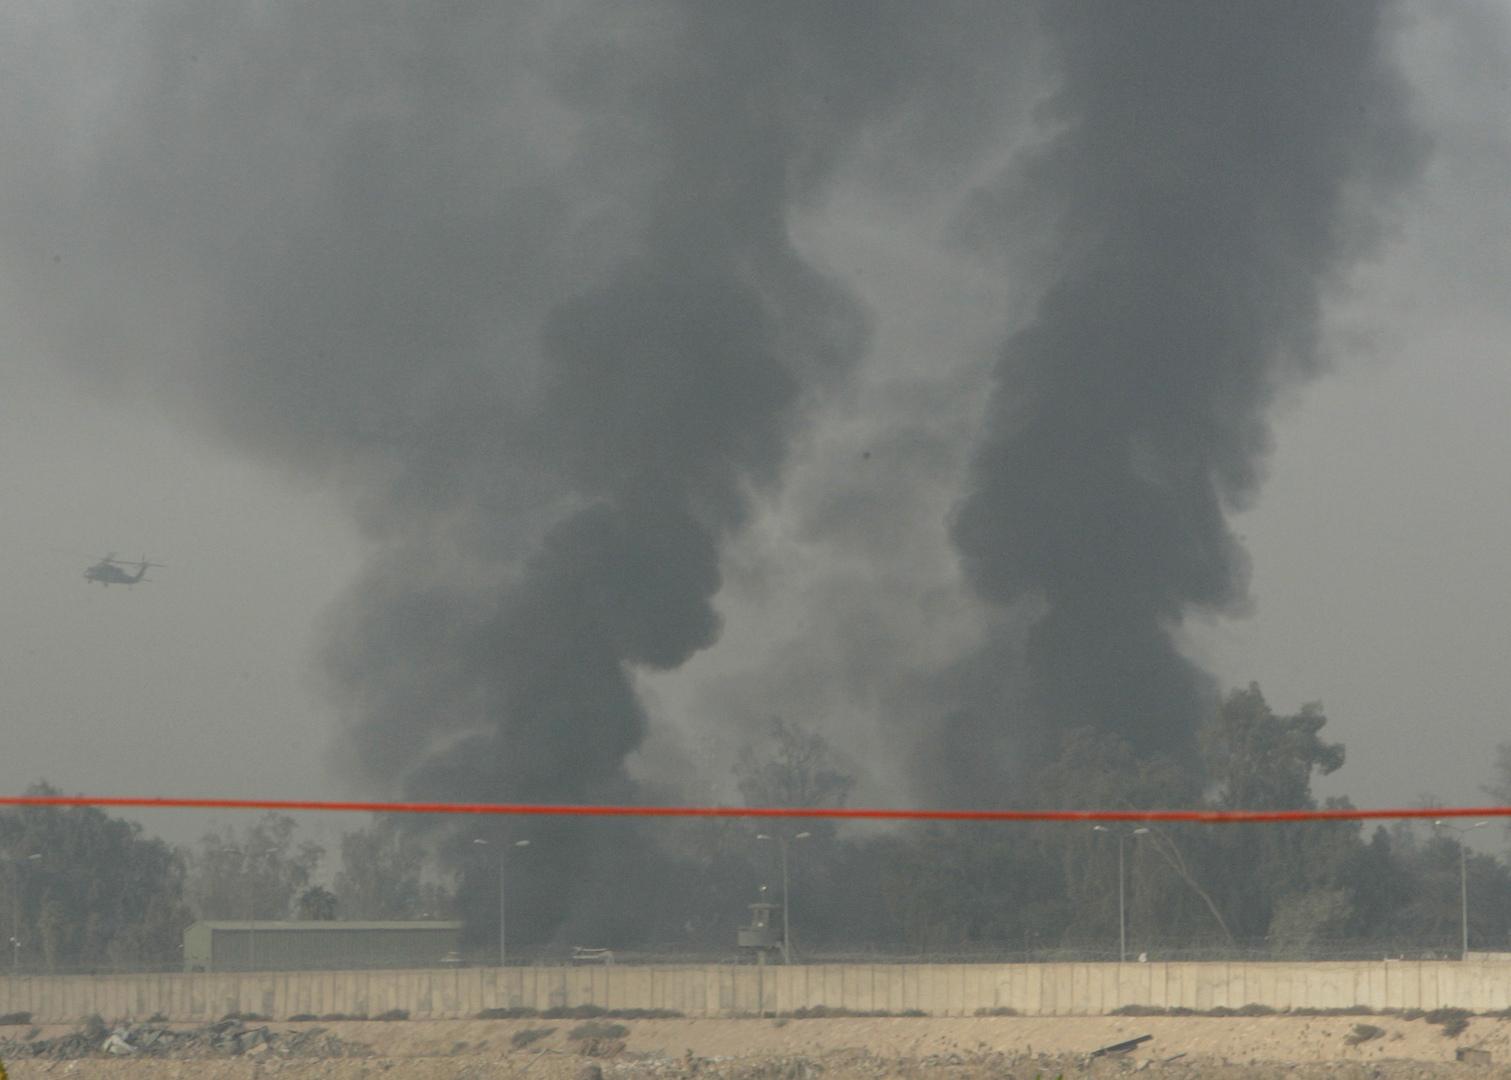 أعمدة دخانية تتصاعد نتيجة قصف صاروخي على المنطقة الخضراء في بغداد (أرشيف)